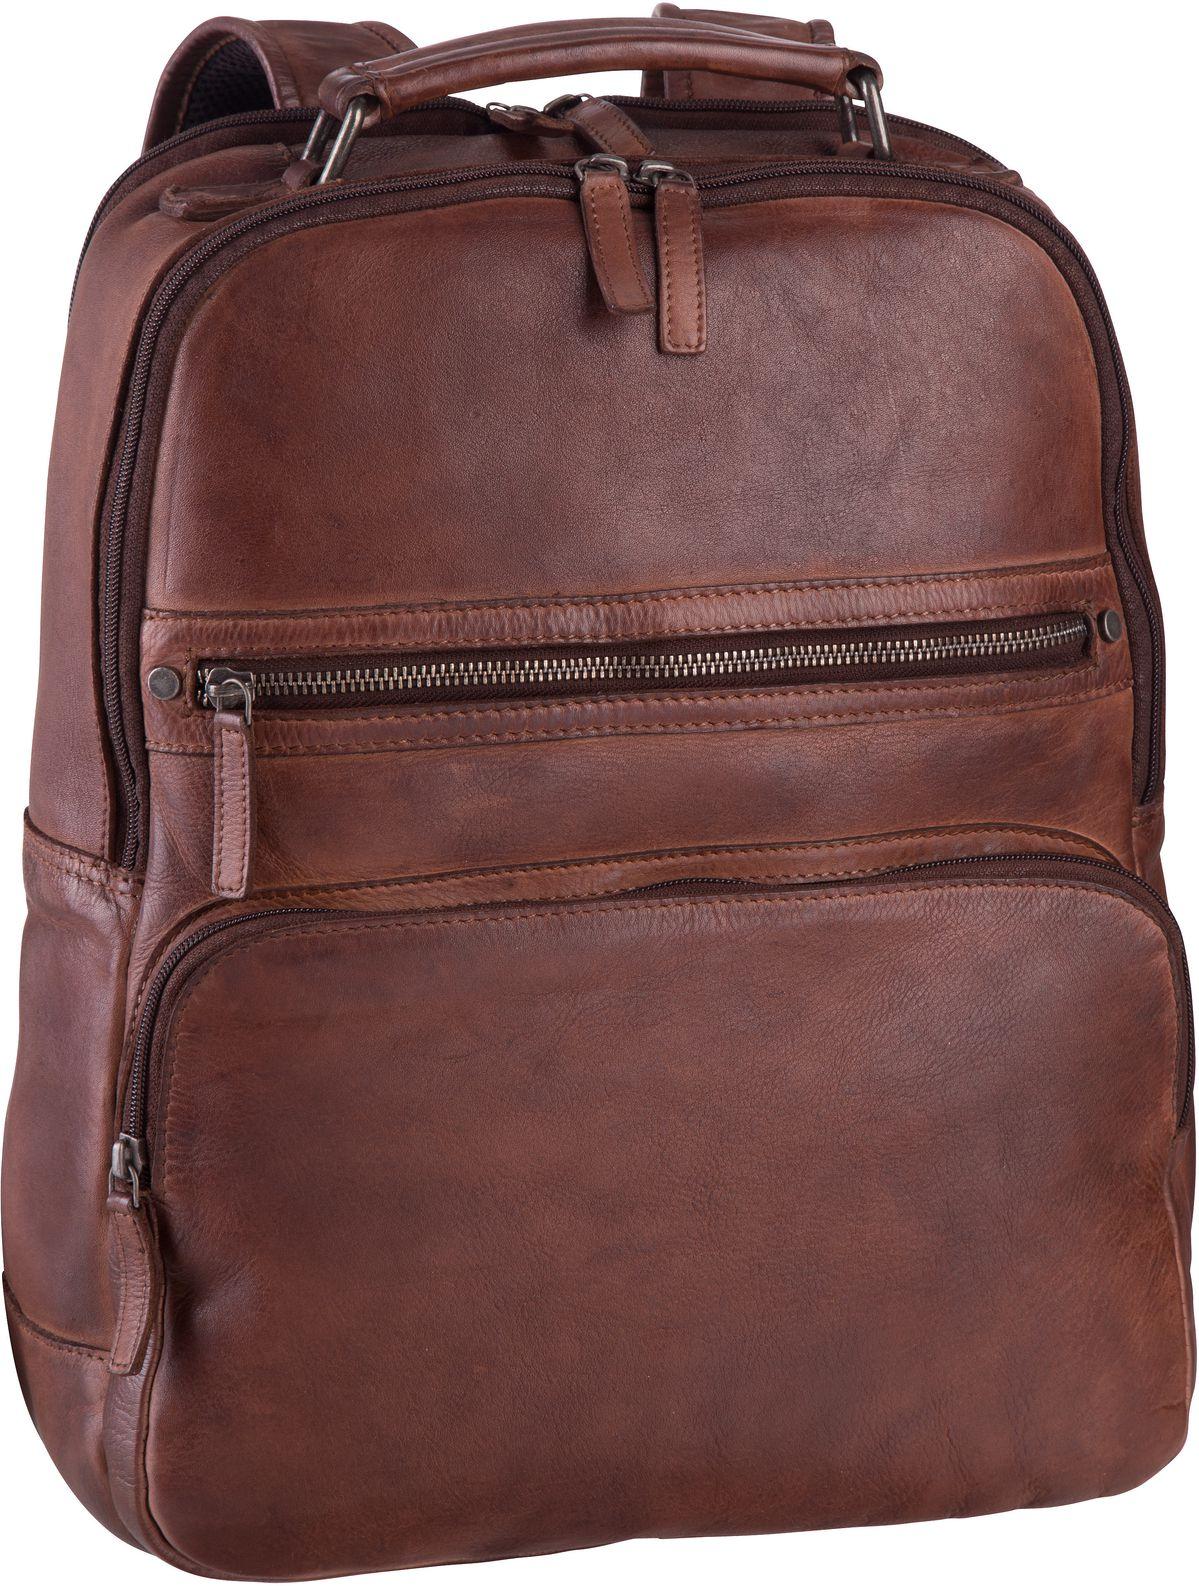 Rucksack / Daypack GBVT Washed 2909 Office Backpack Camel